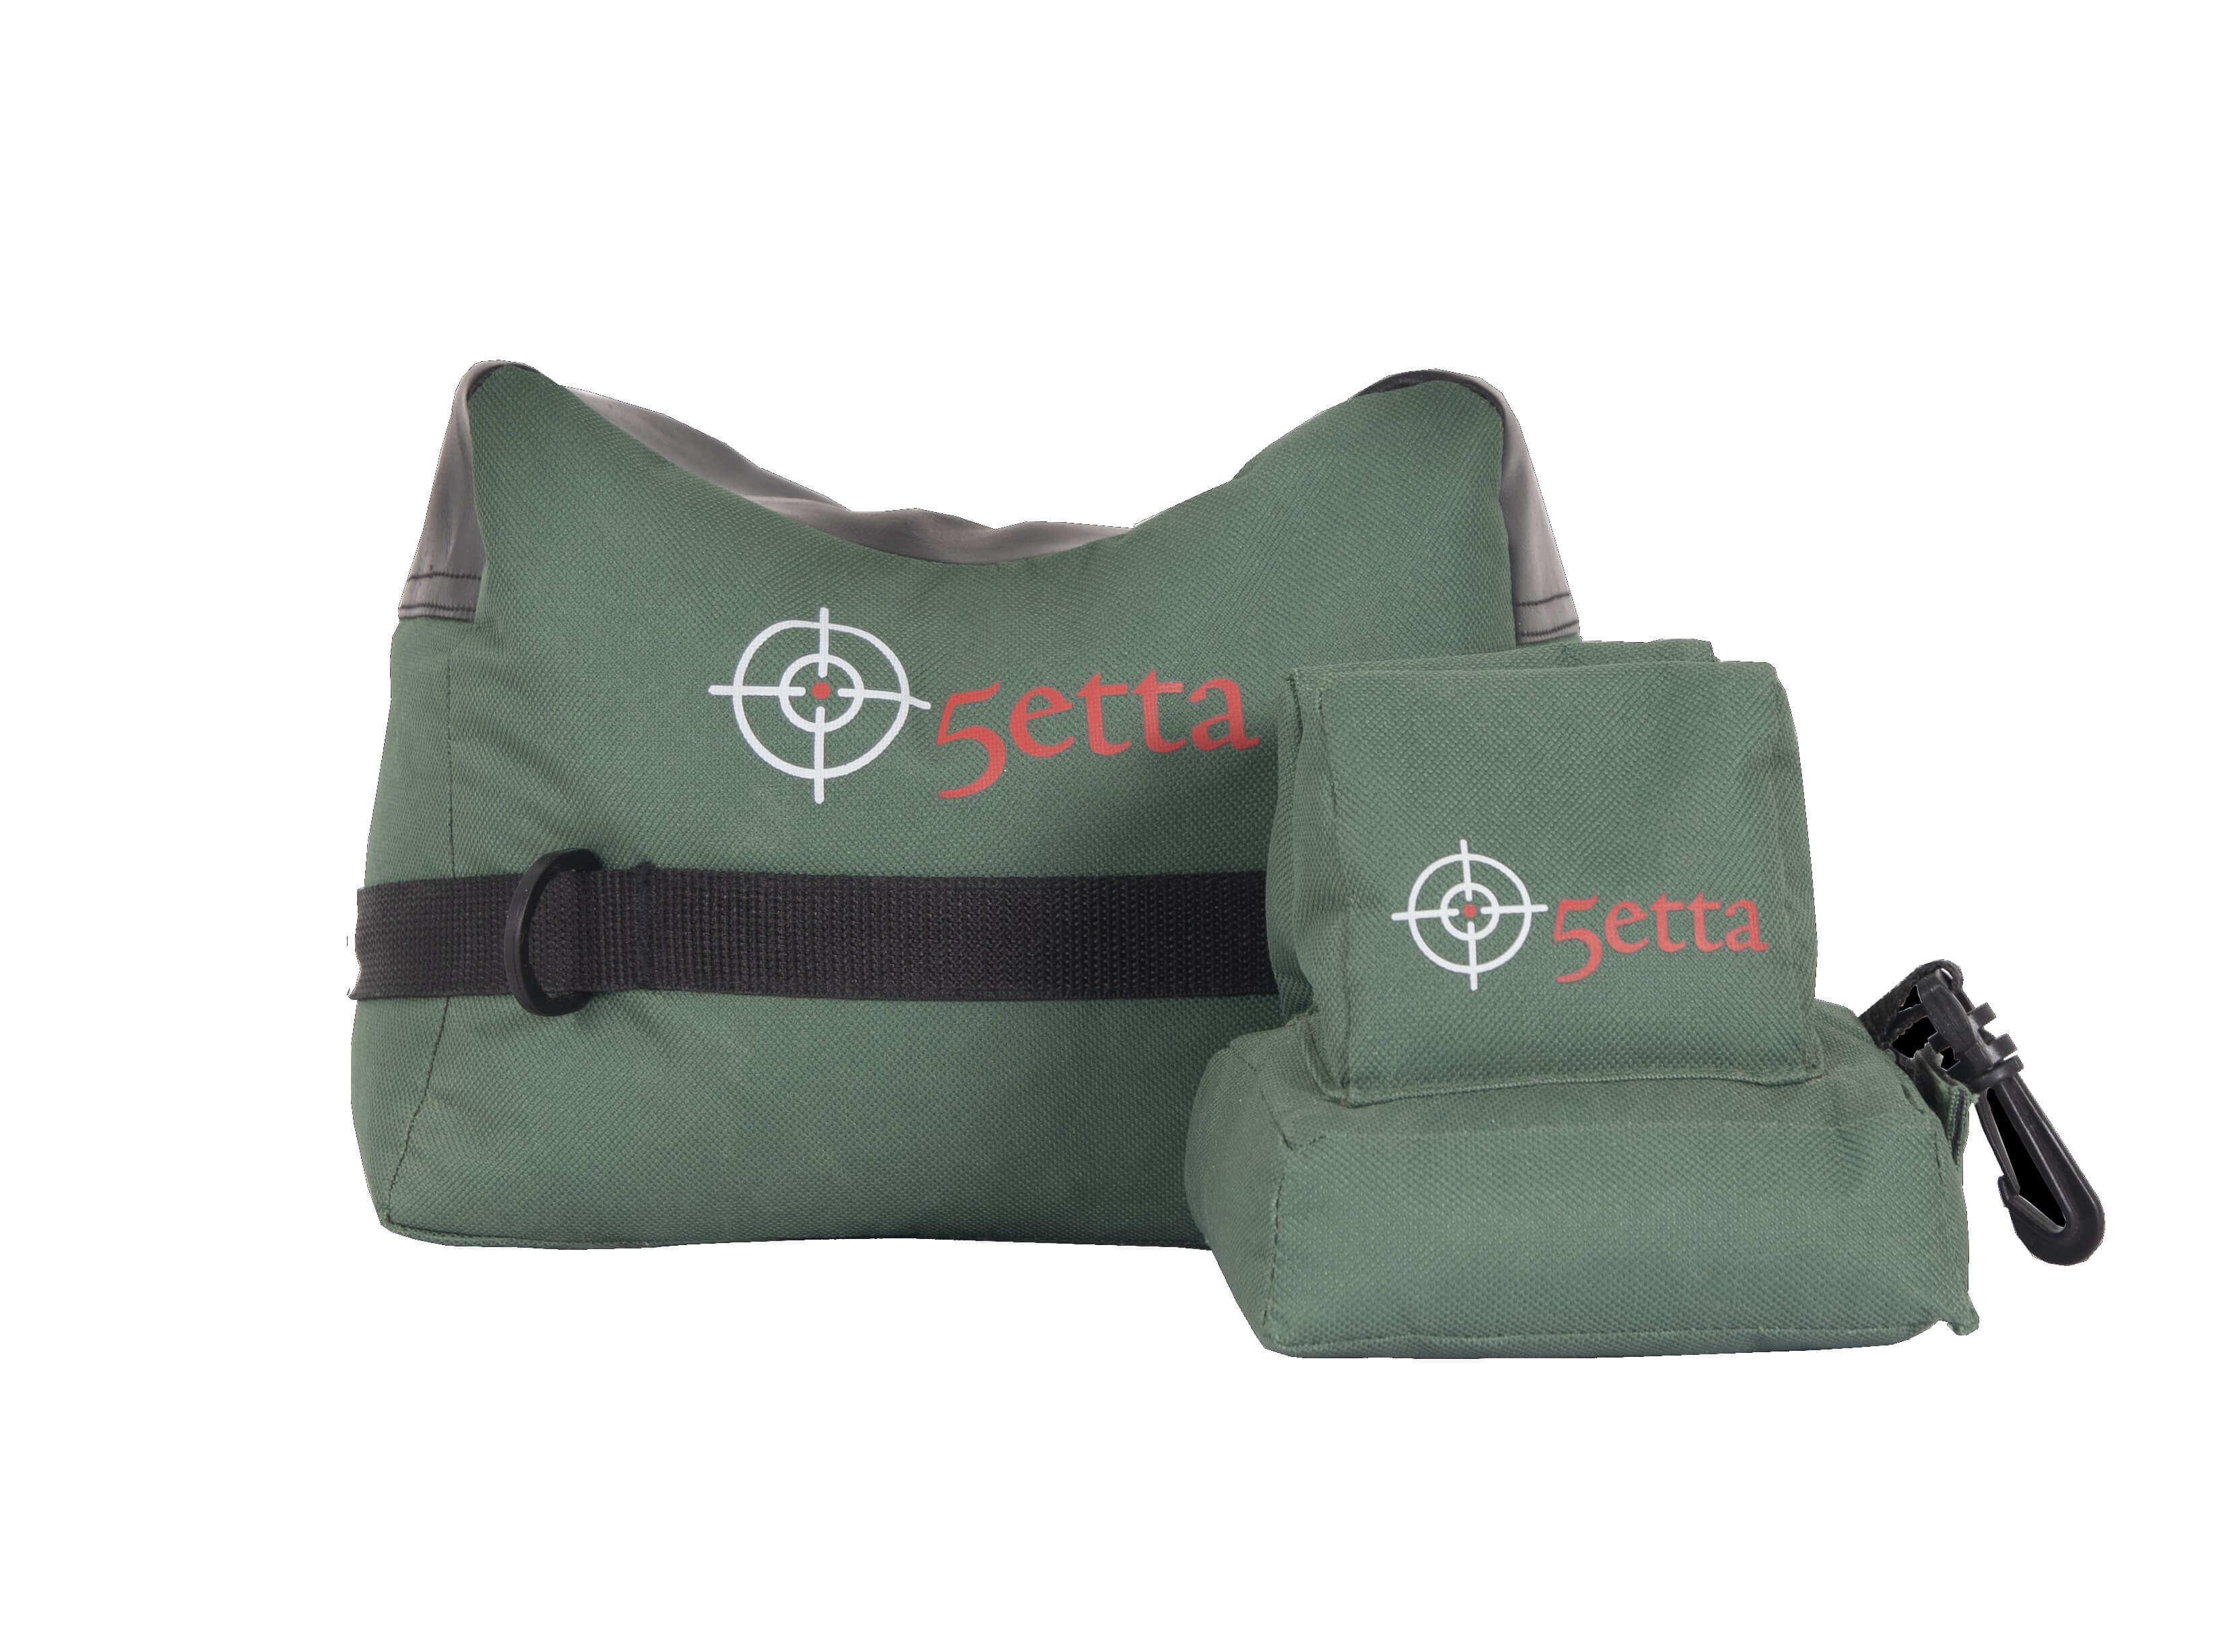 Vorder- und Hinterschaftauflage aus grünem Nylon für den präzisen Schuss